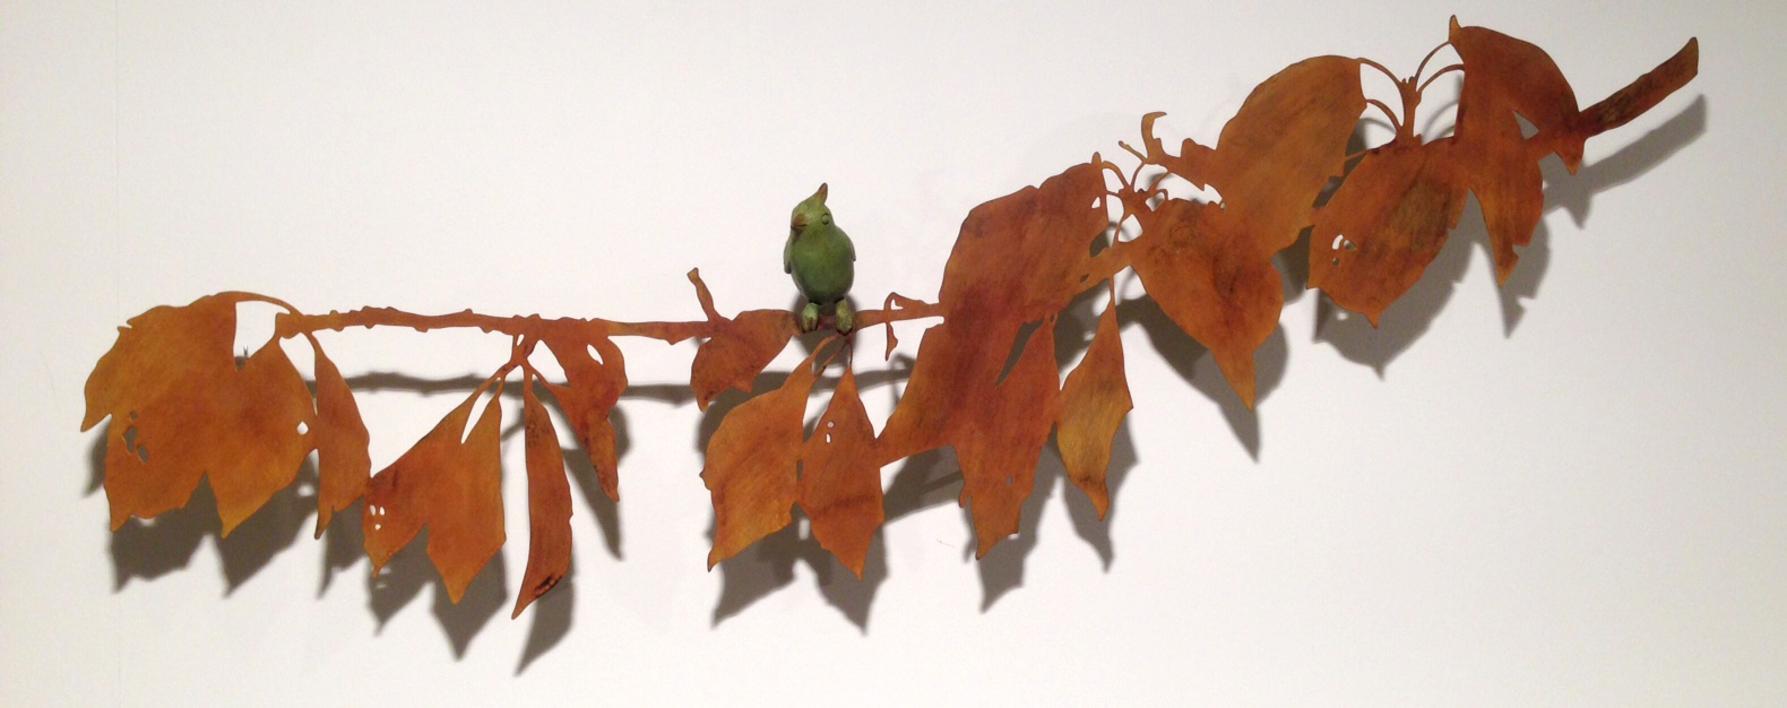 Rama con hojas y pájaro |Escultura de Charlotte Adde | Compra arte en Flecha.es